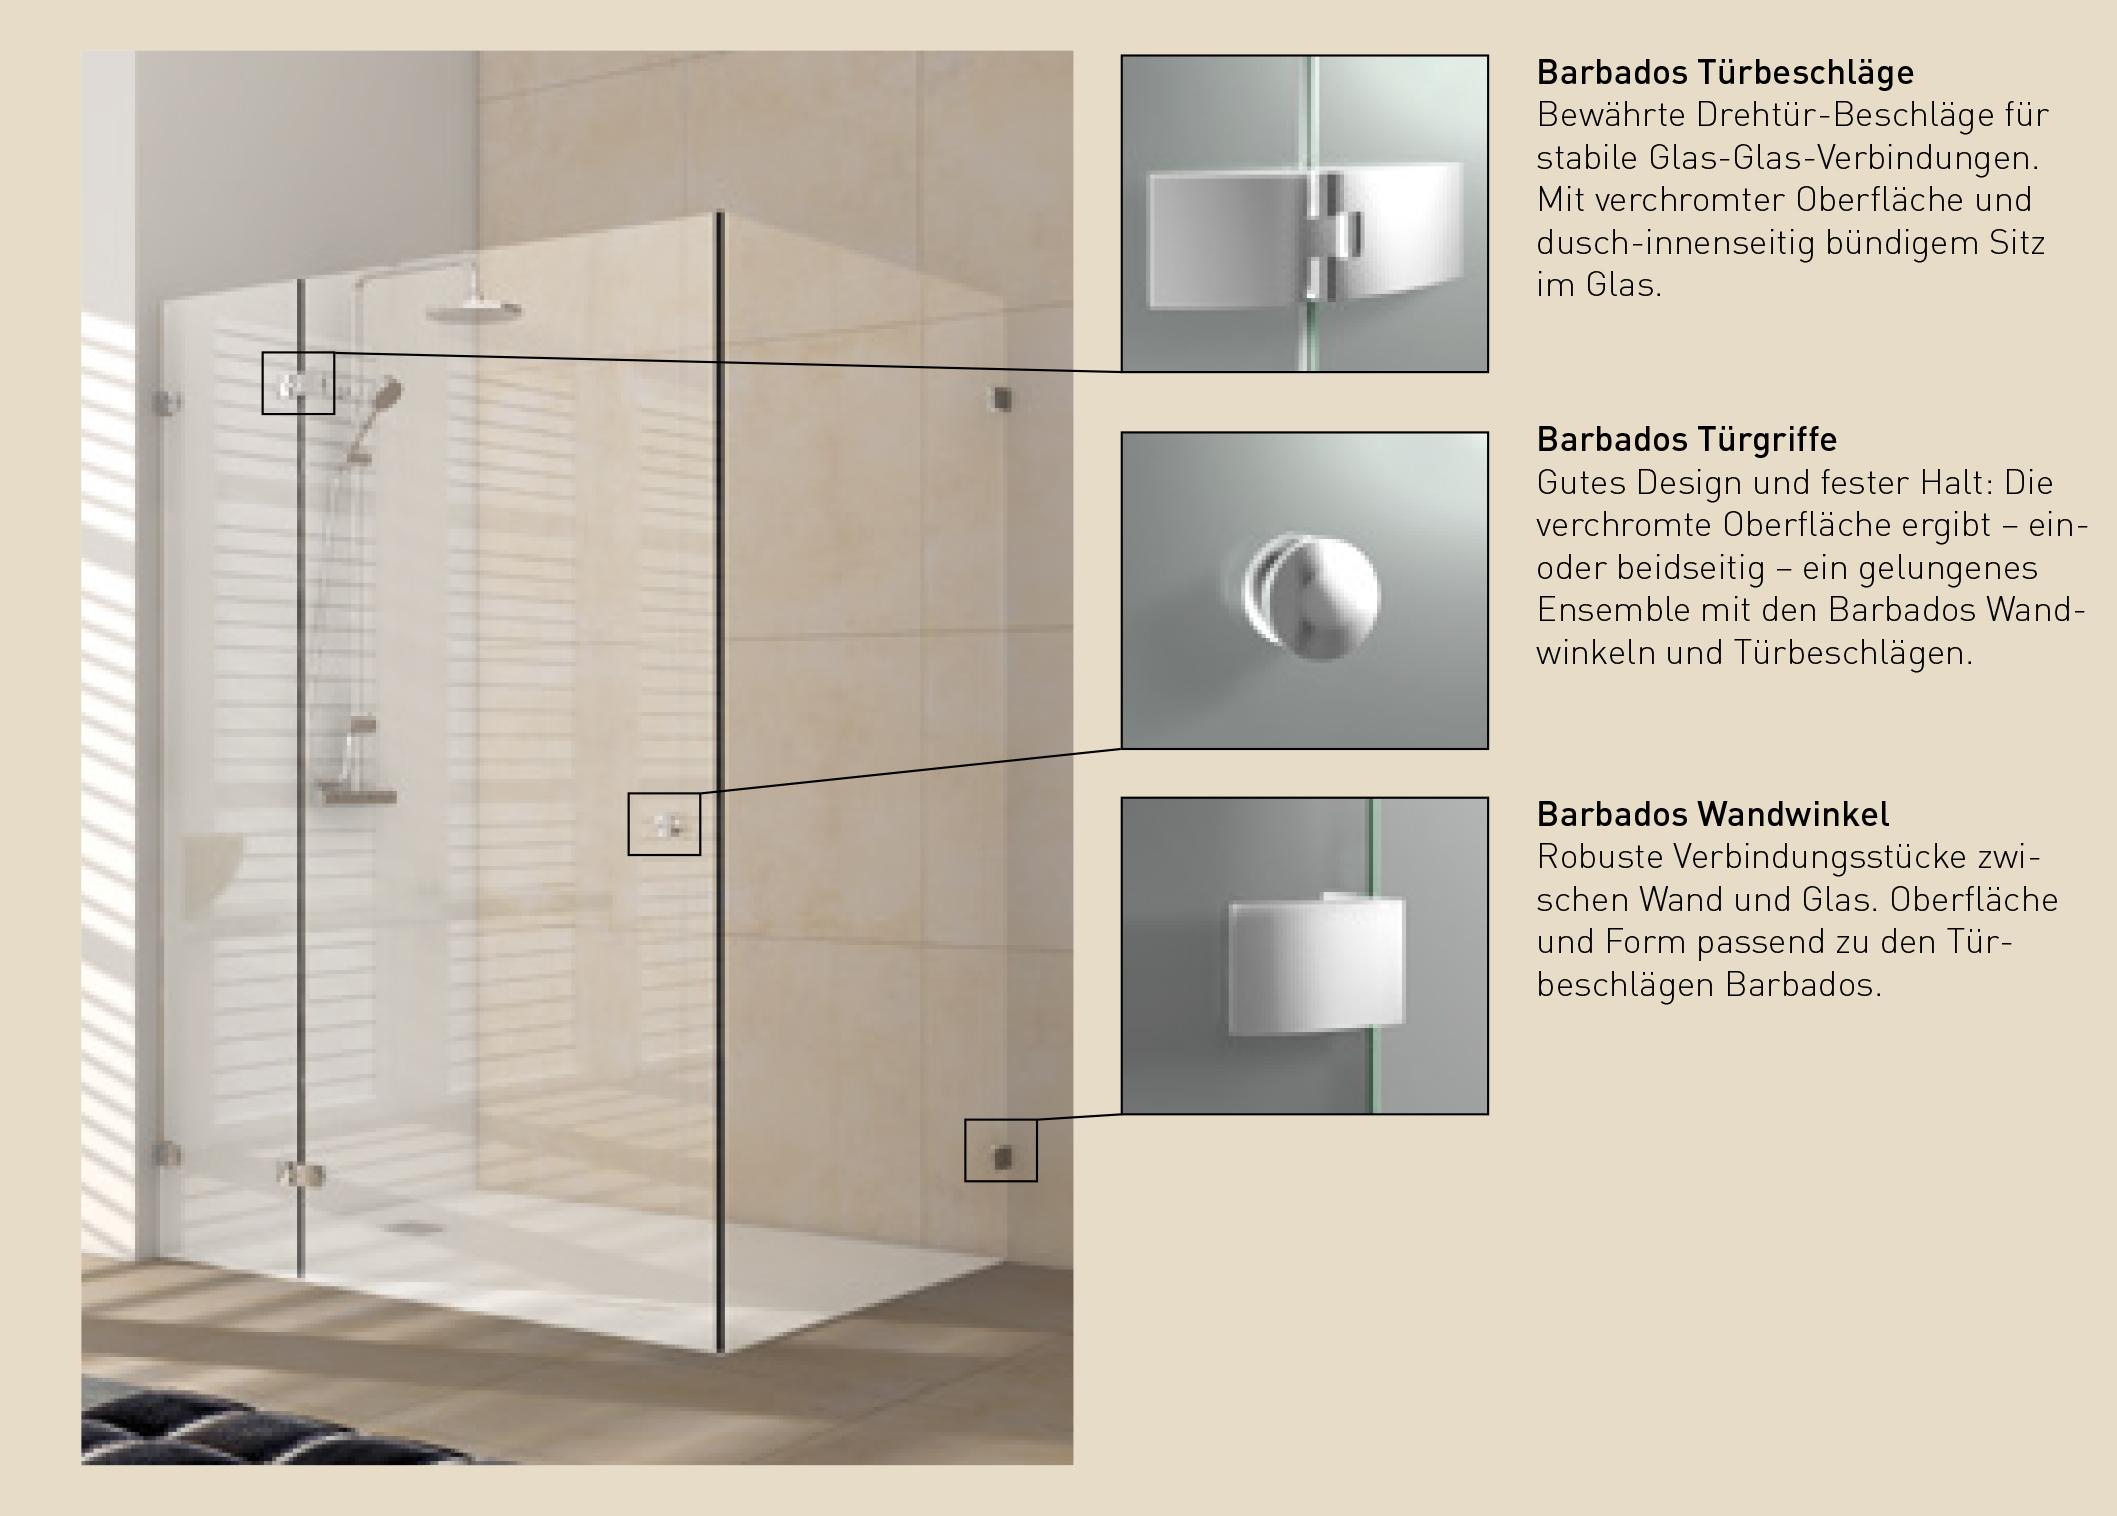 die 8 mm starken schlag und stofesten einscheiben sicherheitsglser werden von glas trsch immer nach aufma geschnitten und geliefert falls gewnscht - Duschen Aus Glas Barrierefrei 2